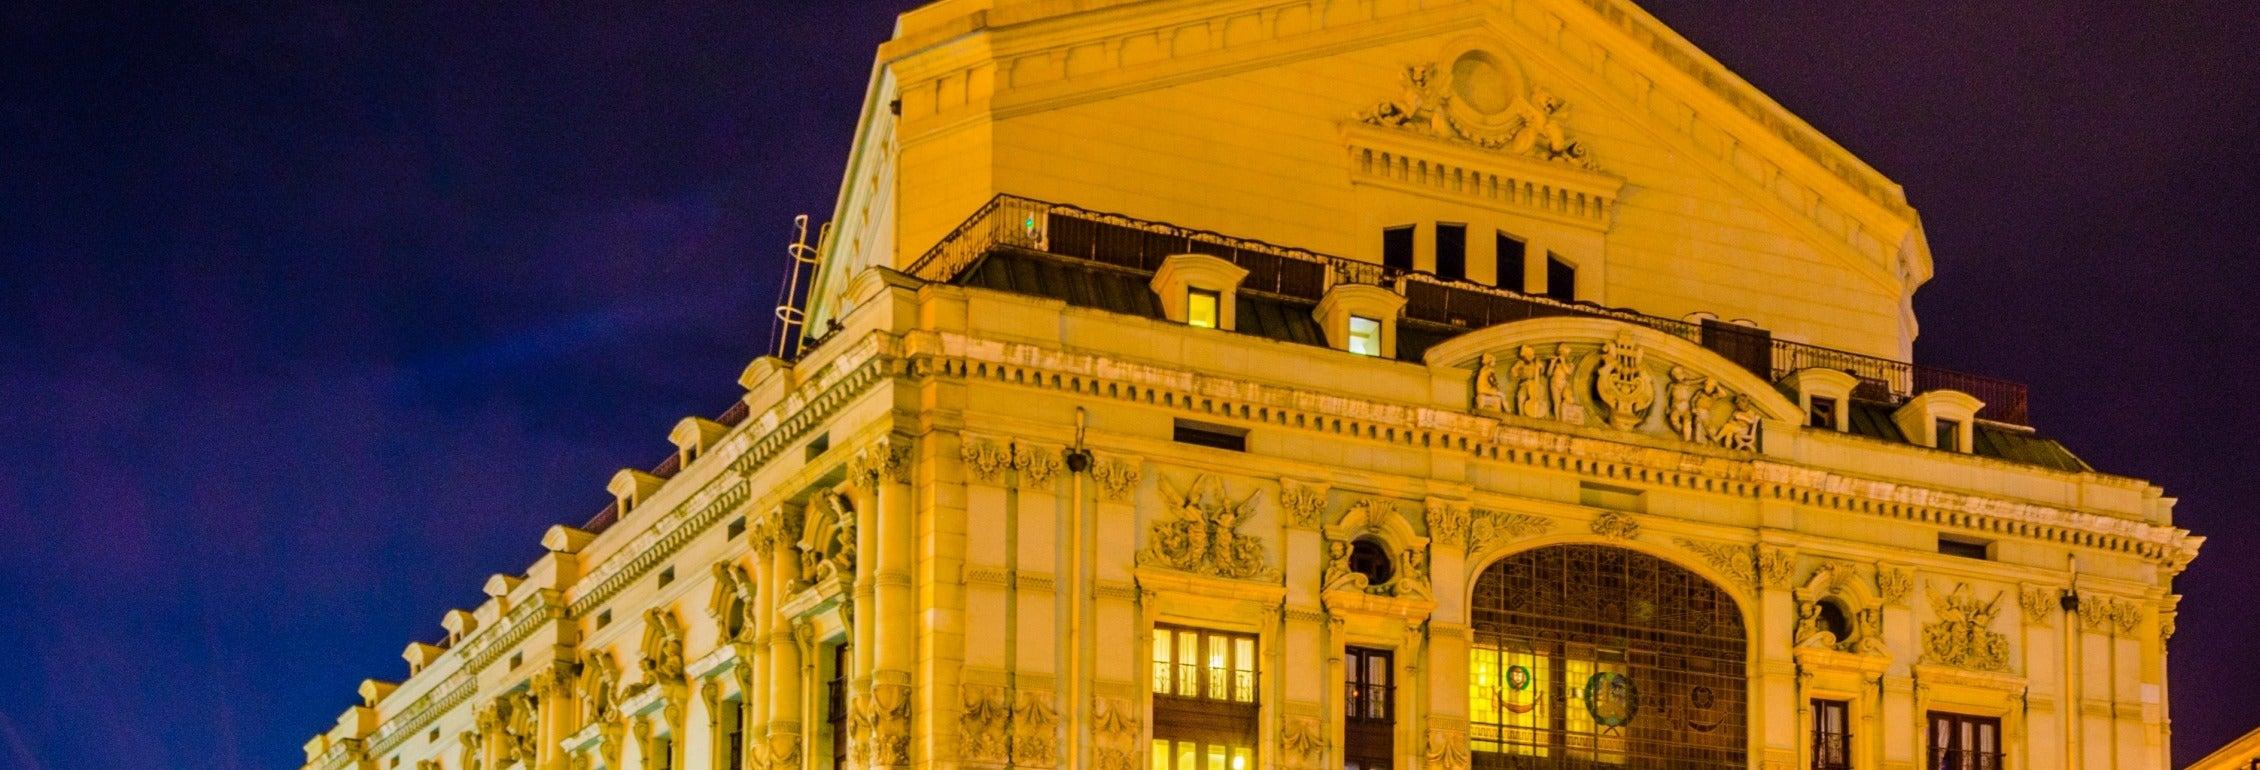 Free tour de los misterios y leyendas de Bilbao